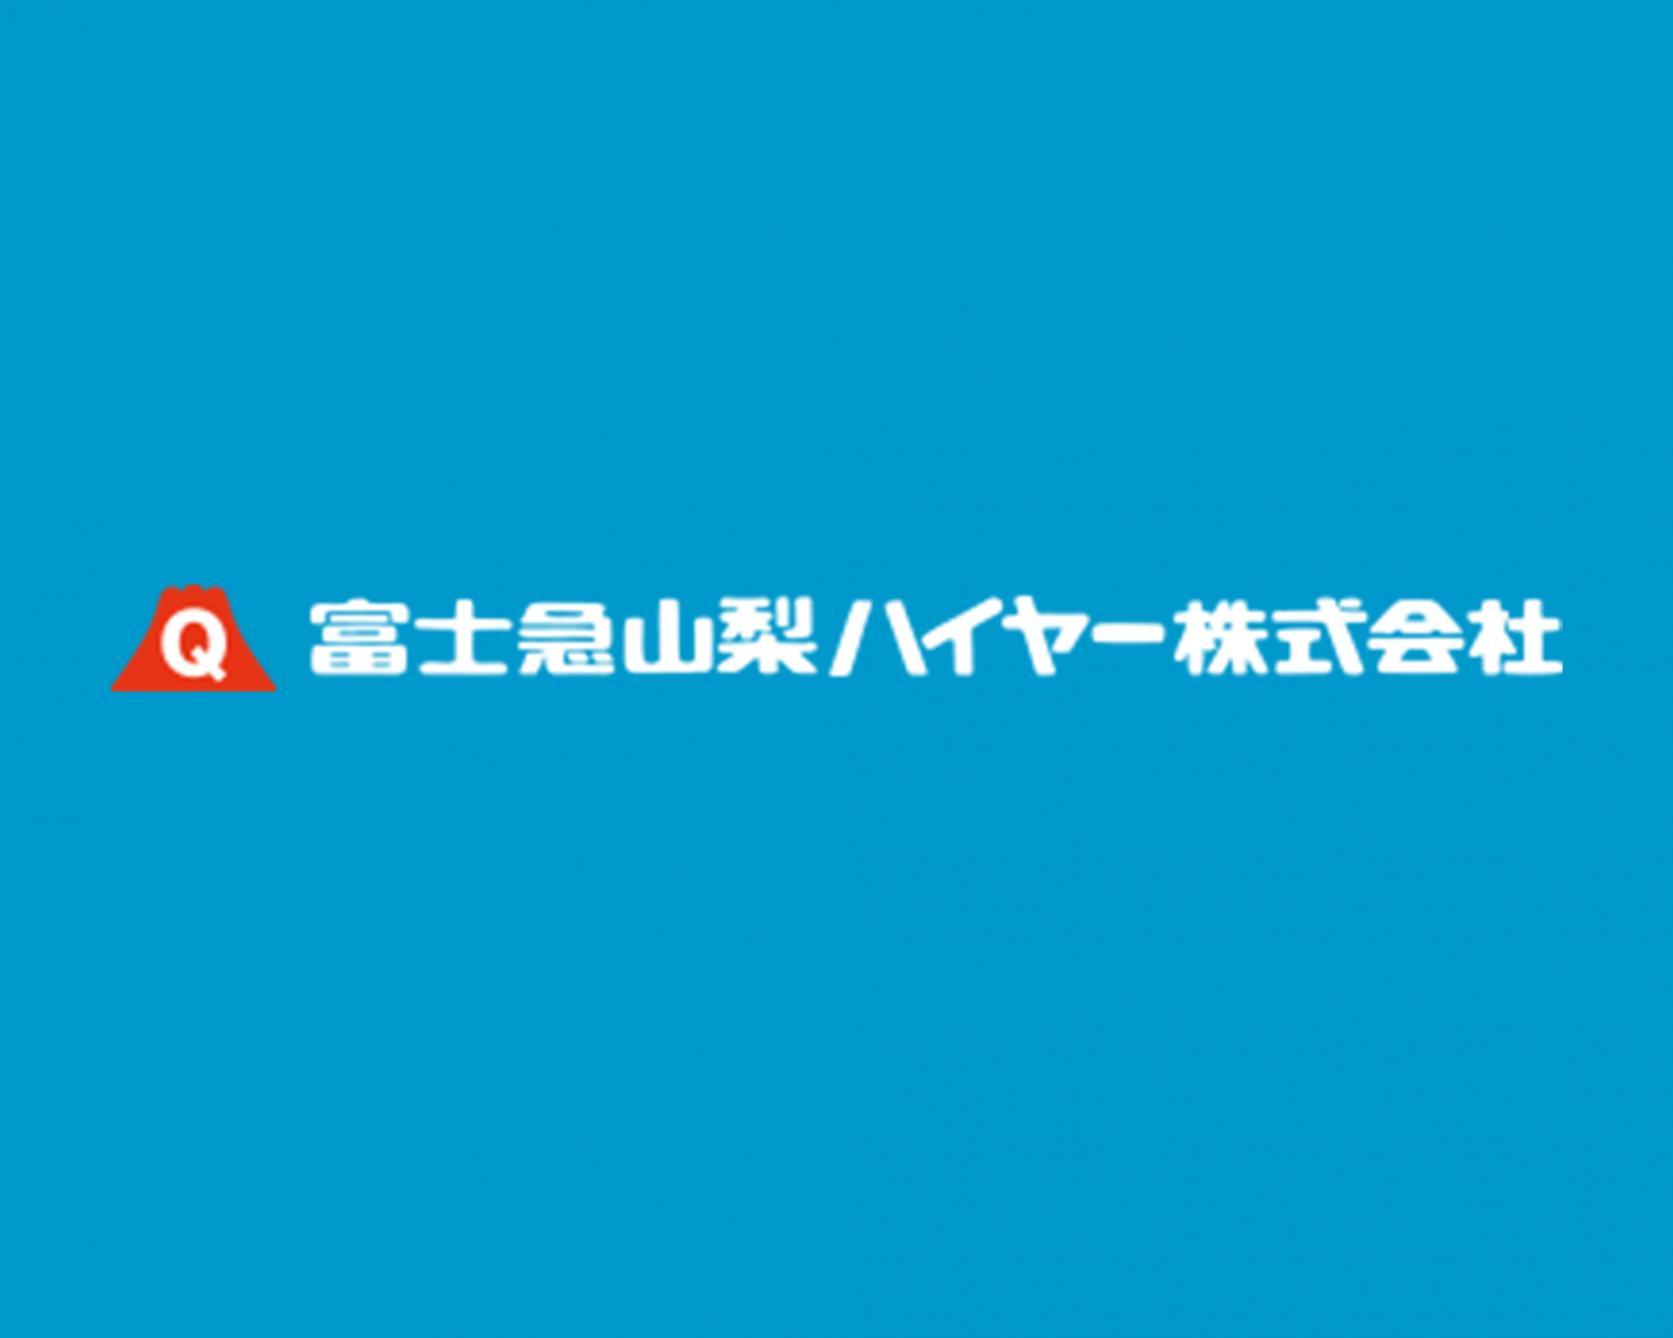 富士急山梨ハイヤー株式会社-1